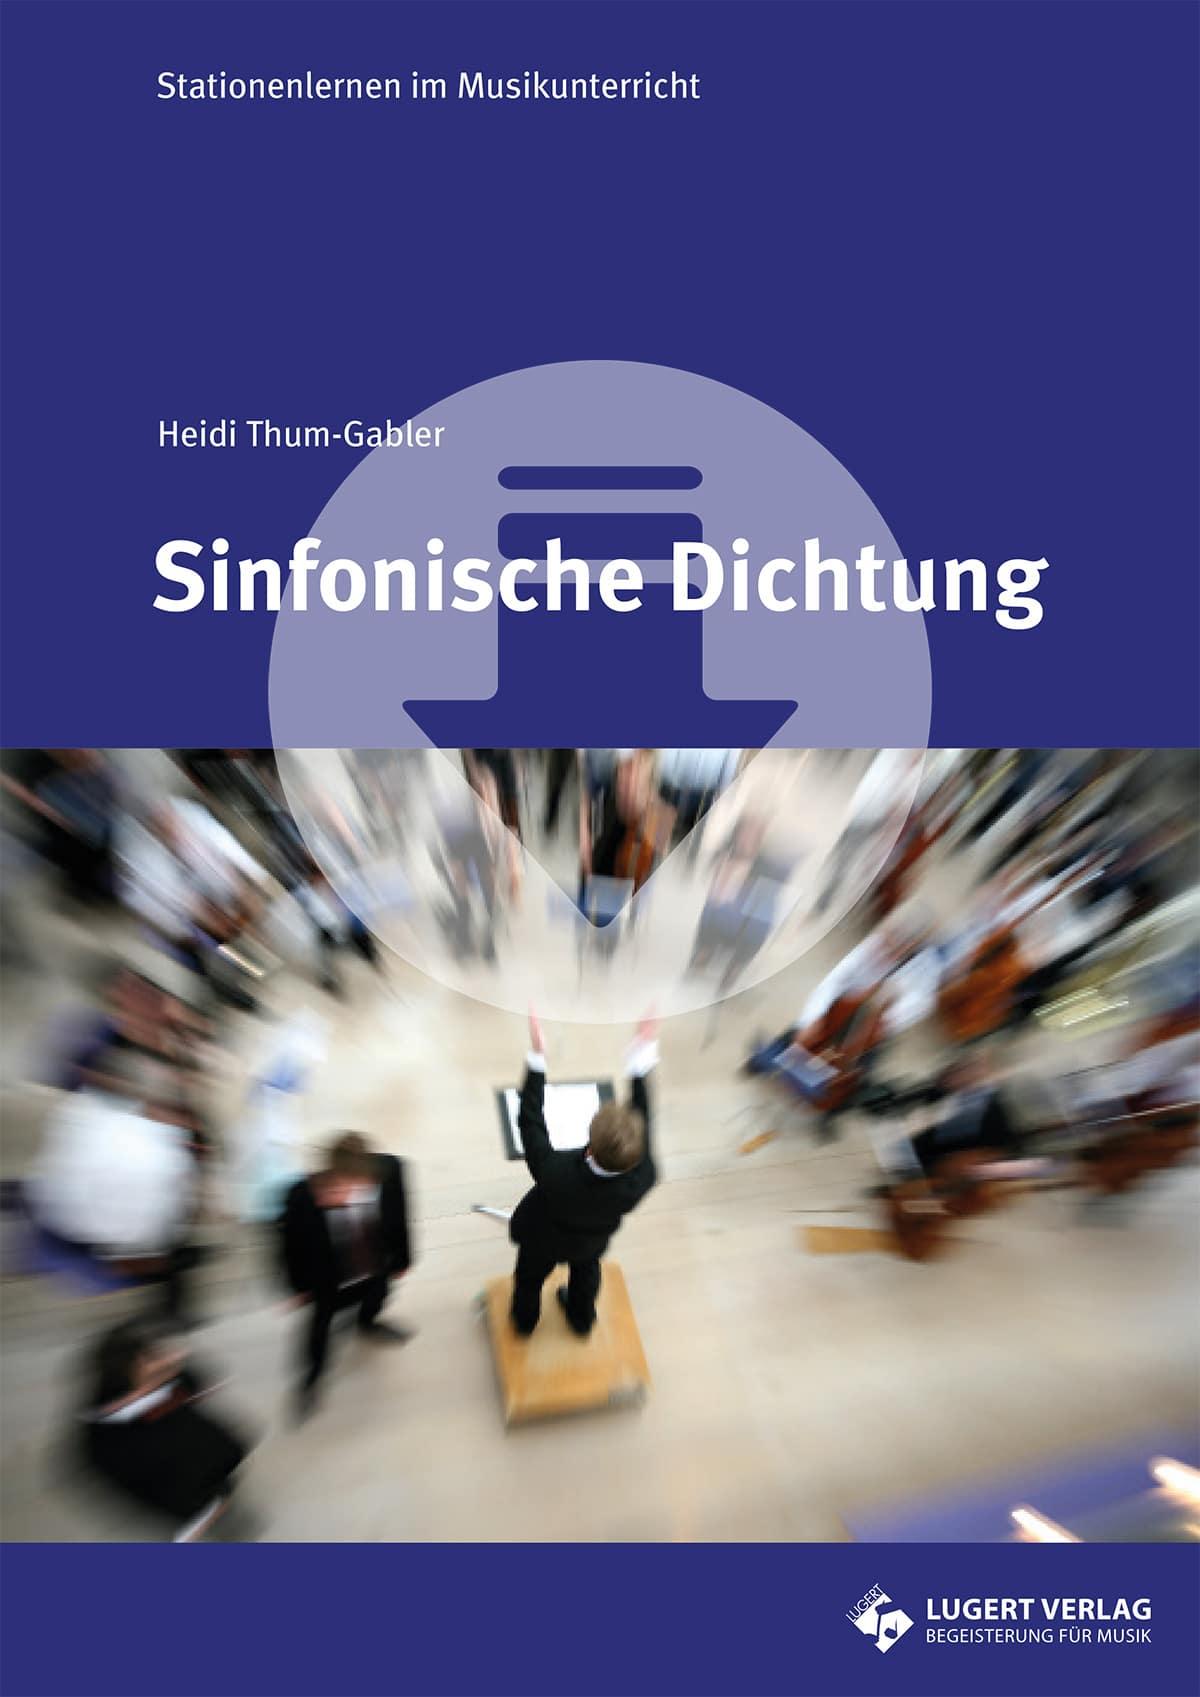 Sinfonische Dichtung Stationenlernen Download